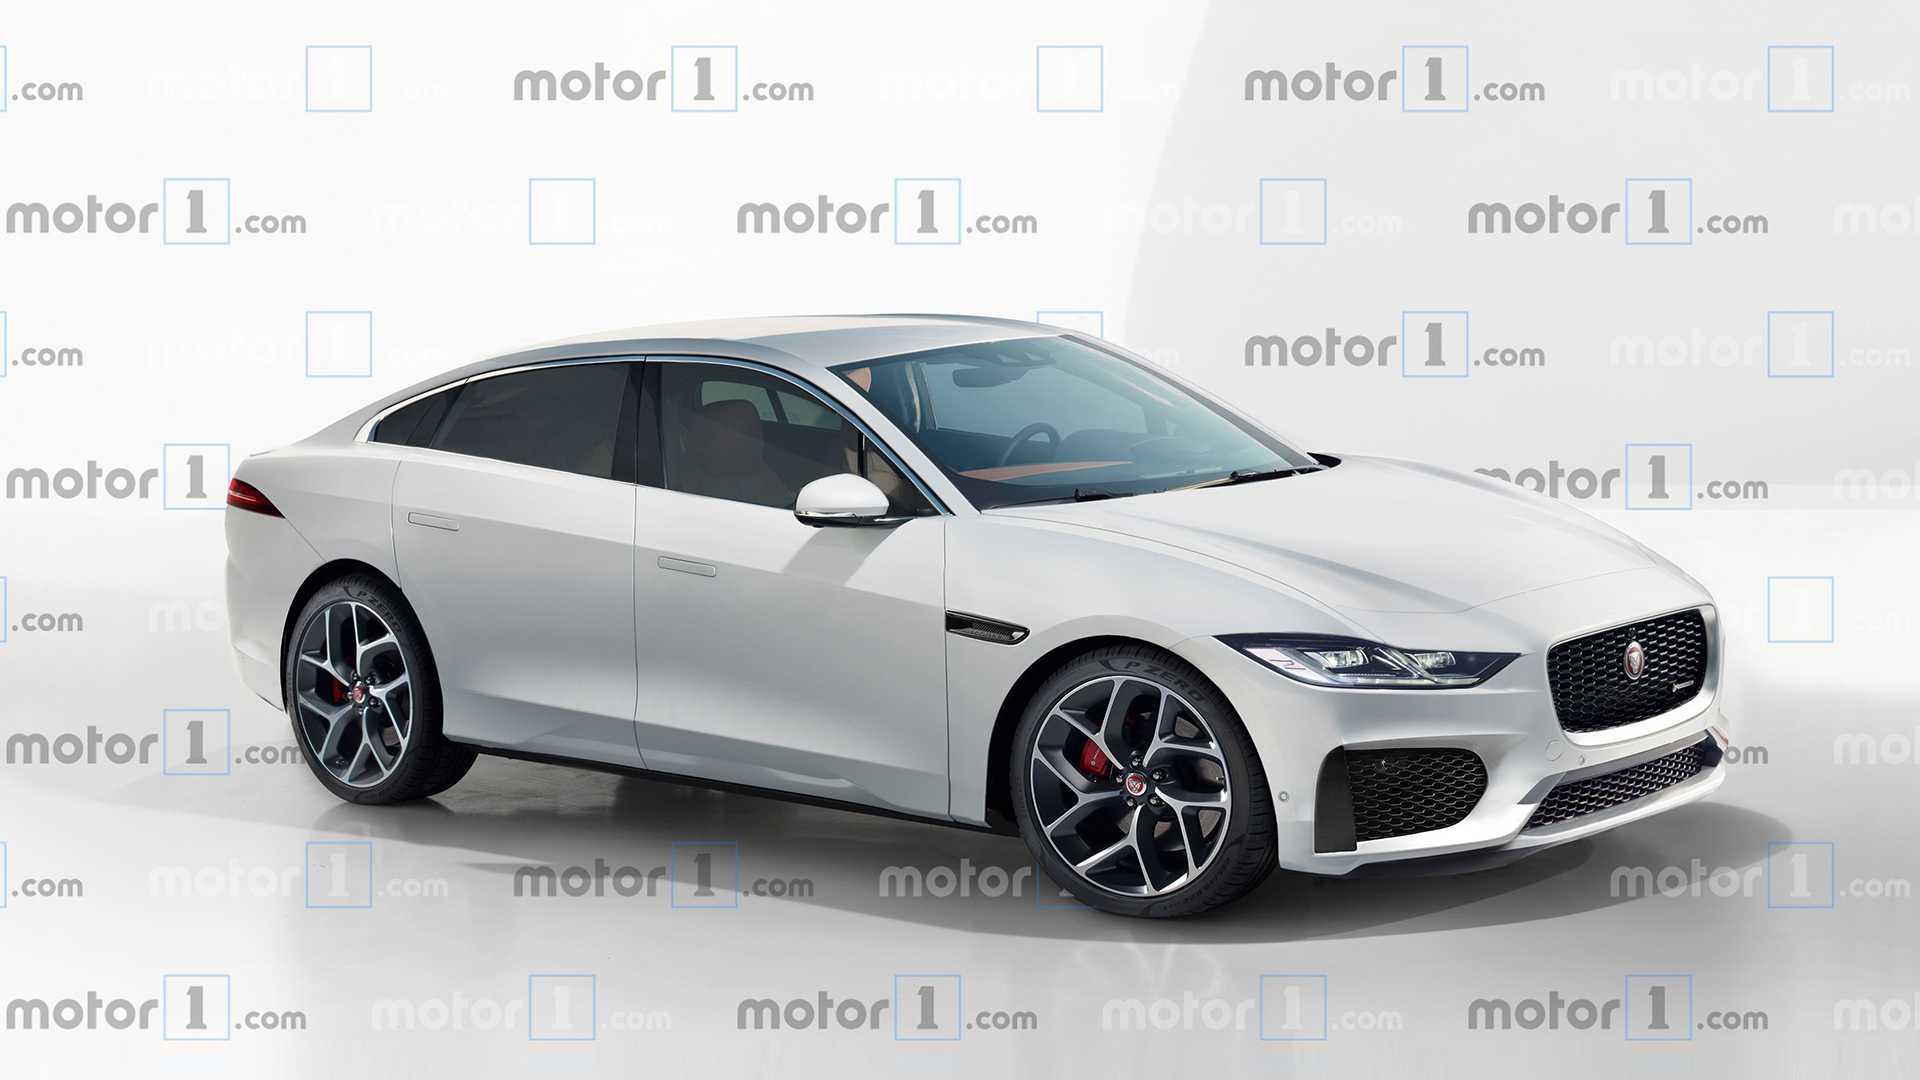 43 Best Review Jaguar J 2020 Rumors with Jaguar J 2020